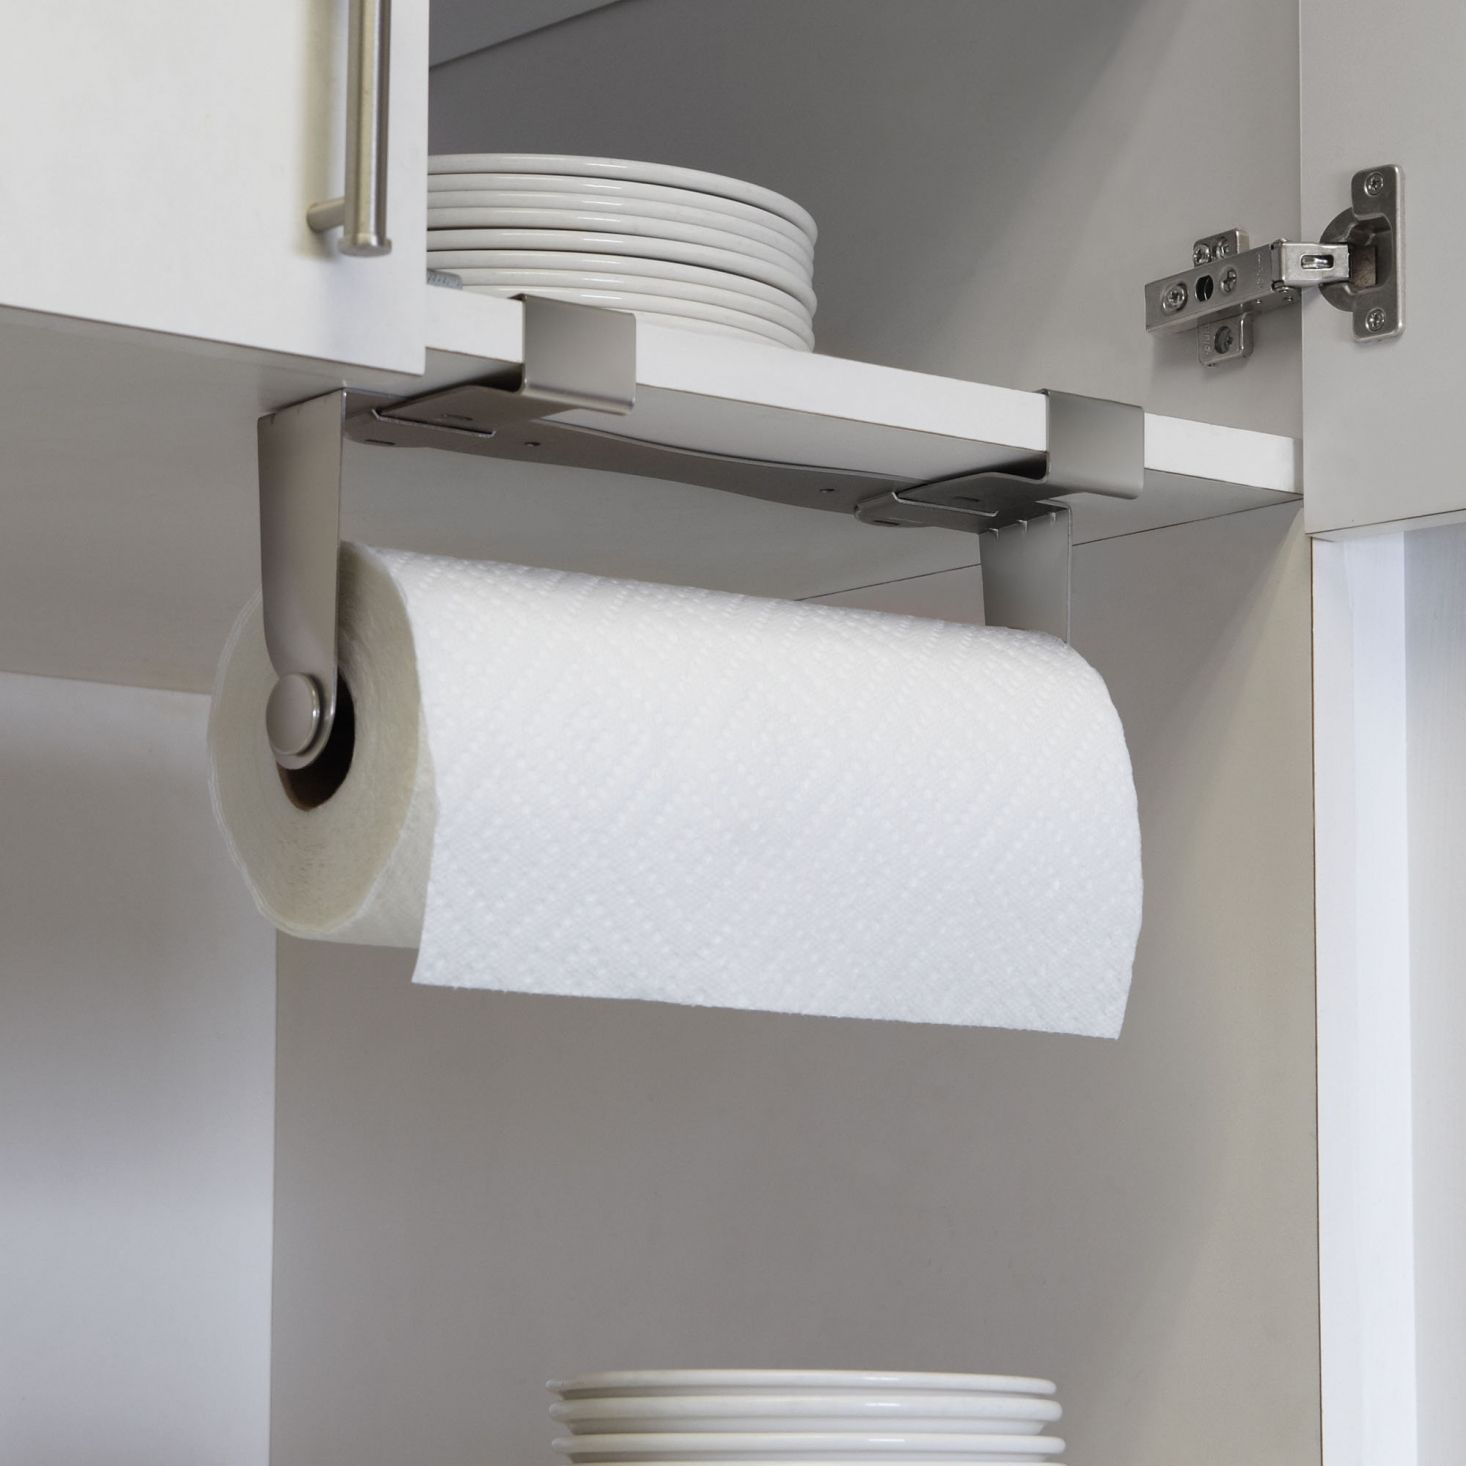 Under Cabinet Paper Towel Holder Amazon Remodelista Paper Towel Holder Kitchen Paper Towel Holder Kitchen Roll